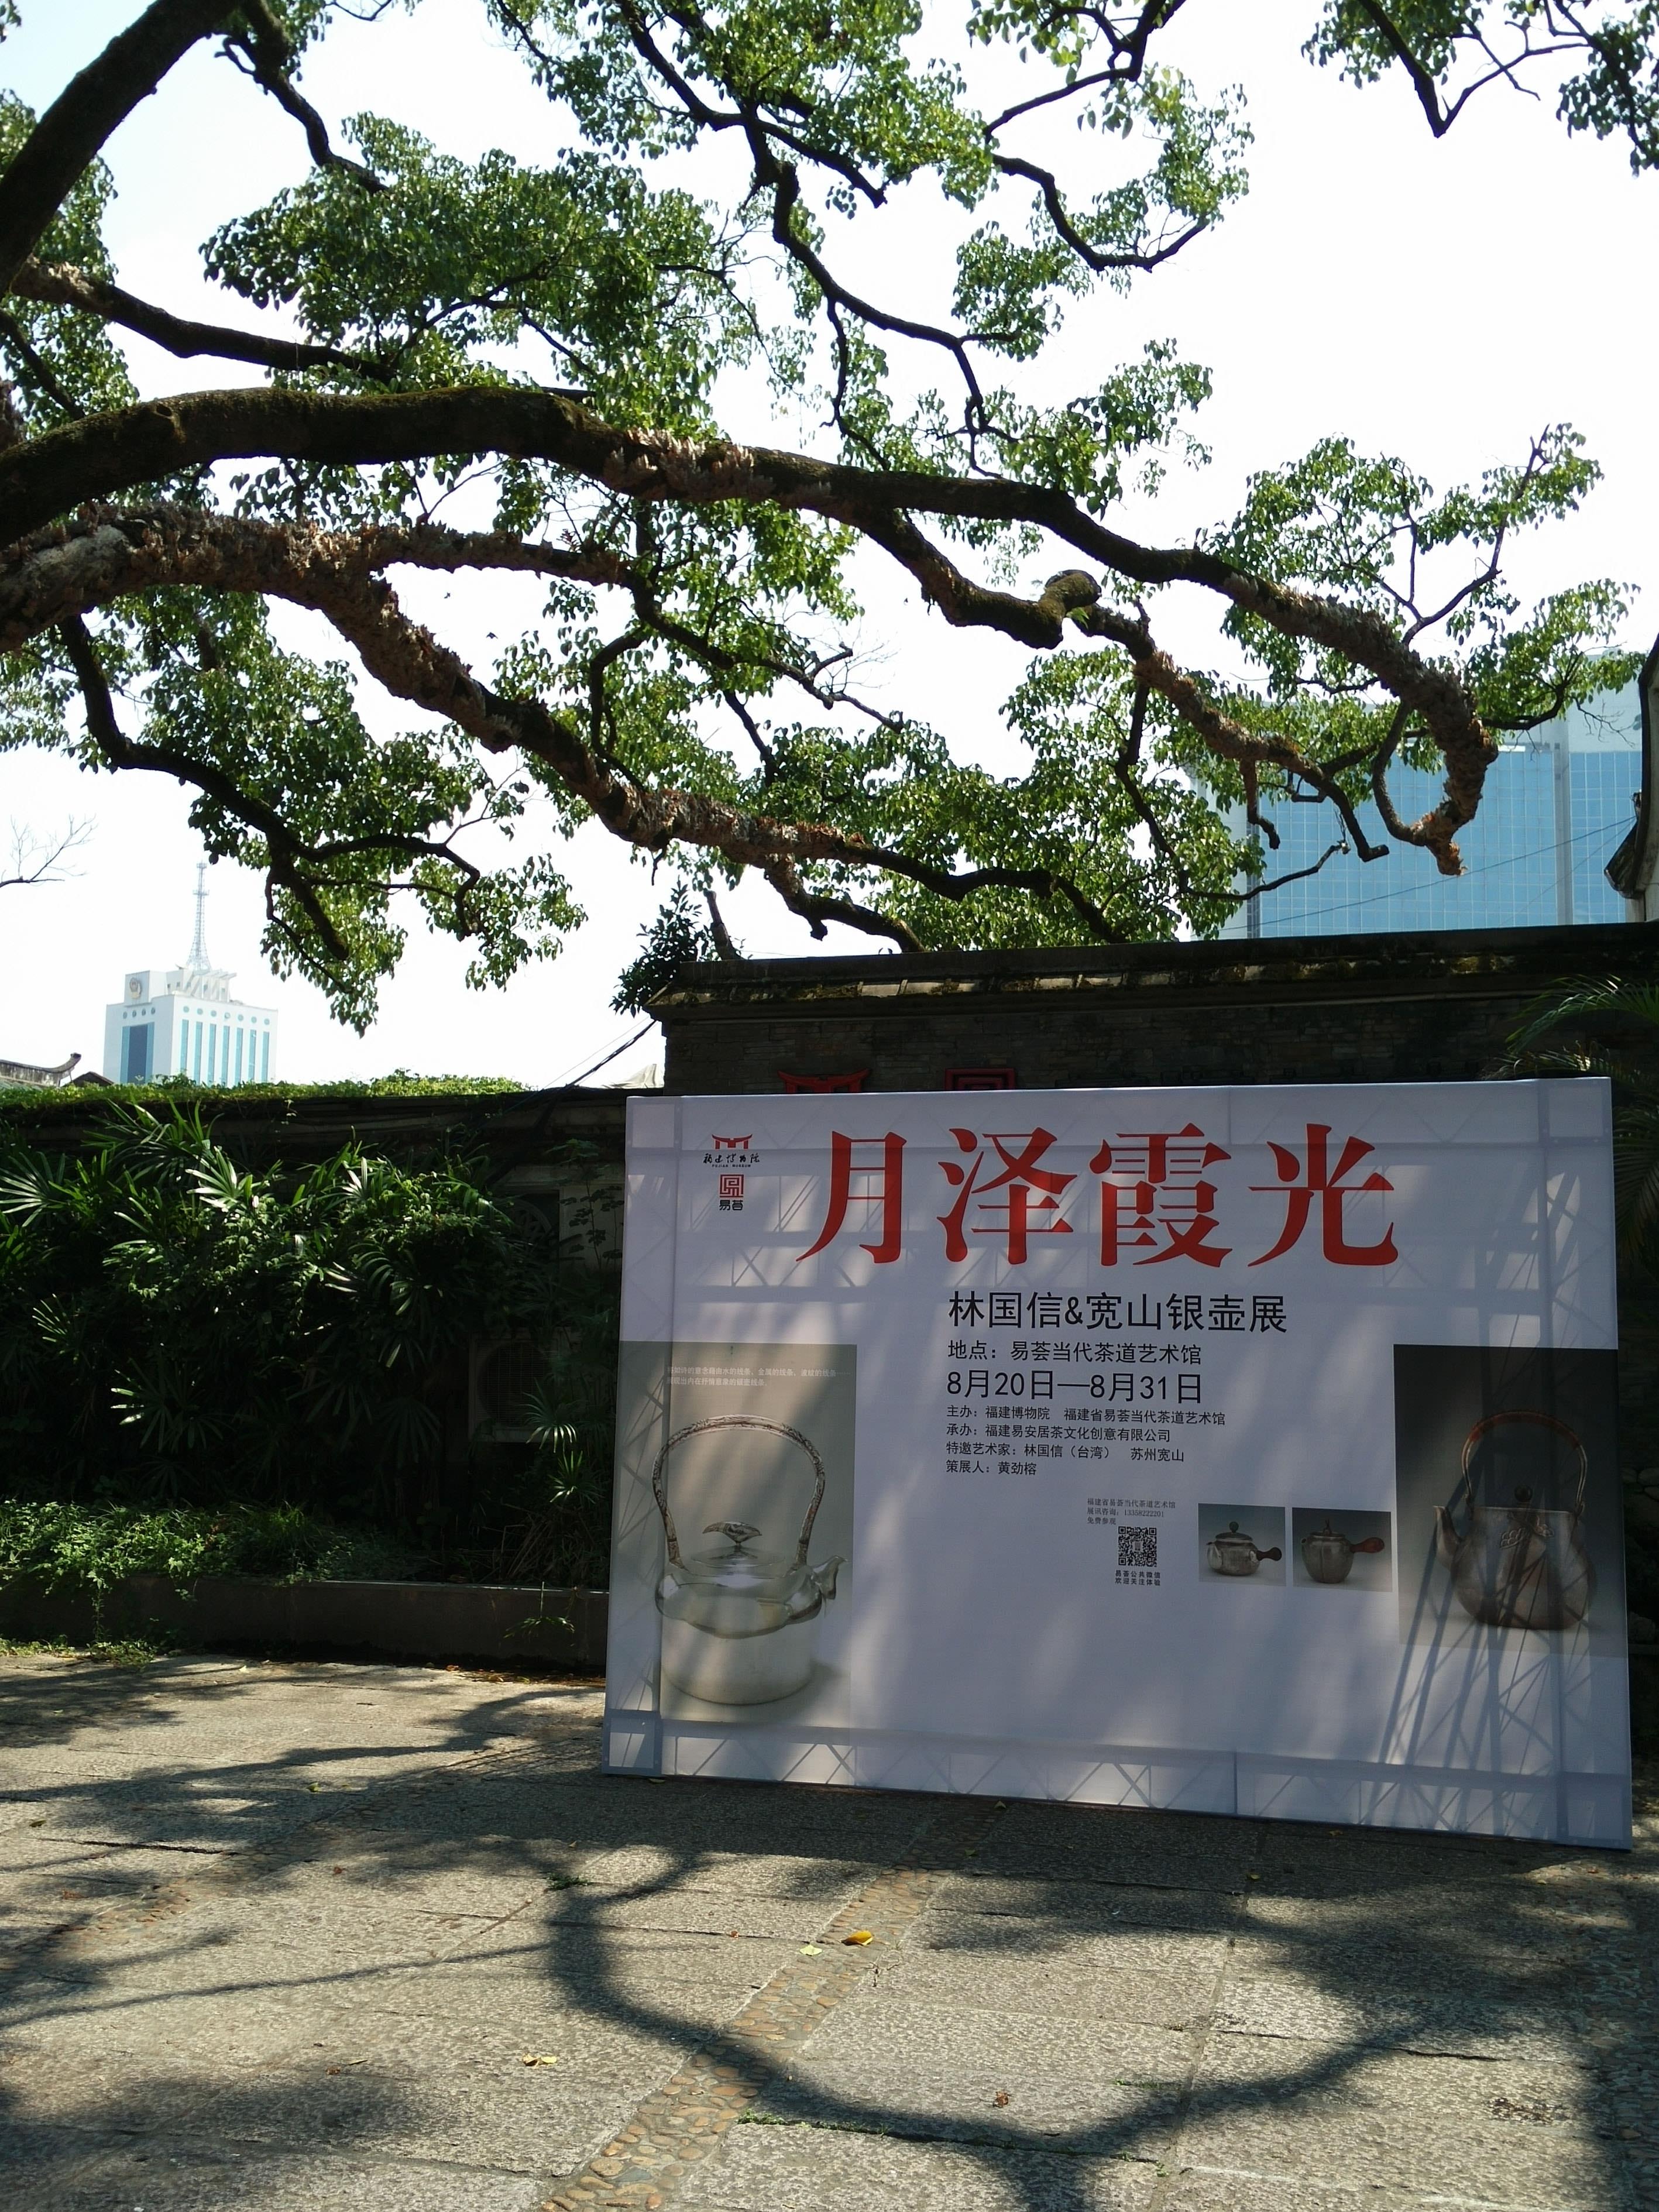 福州展 (3)